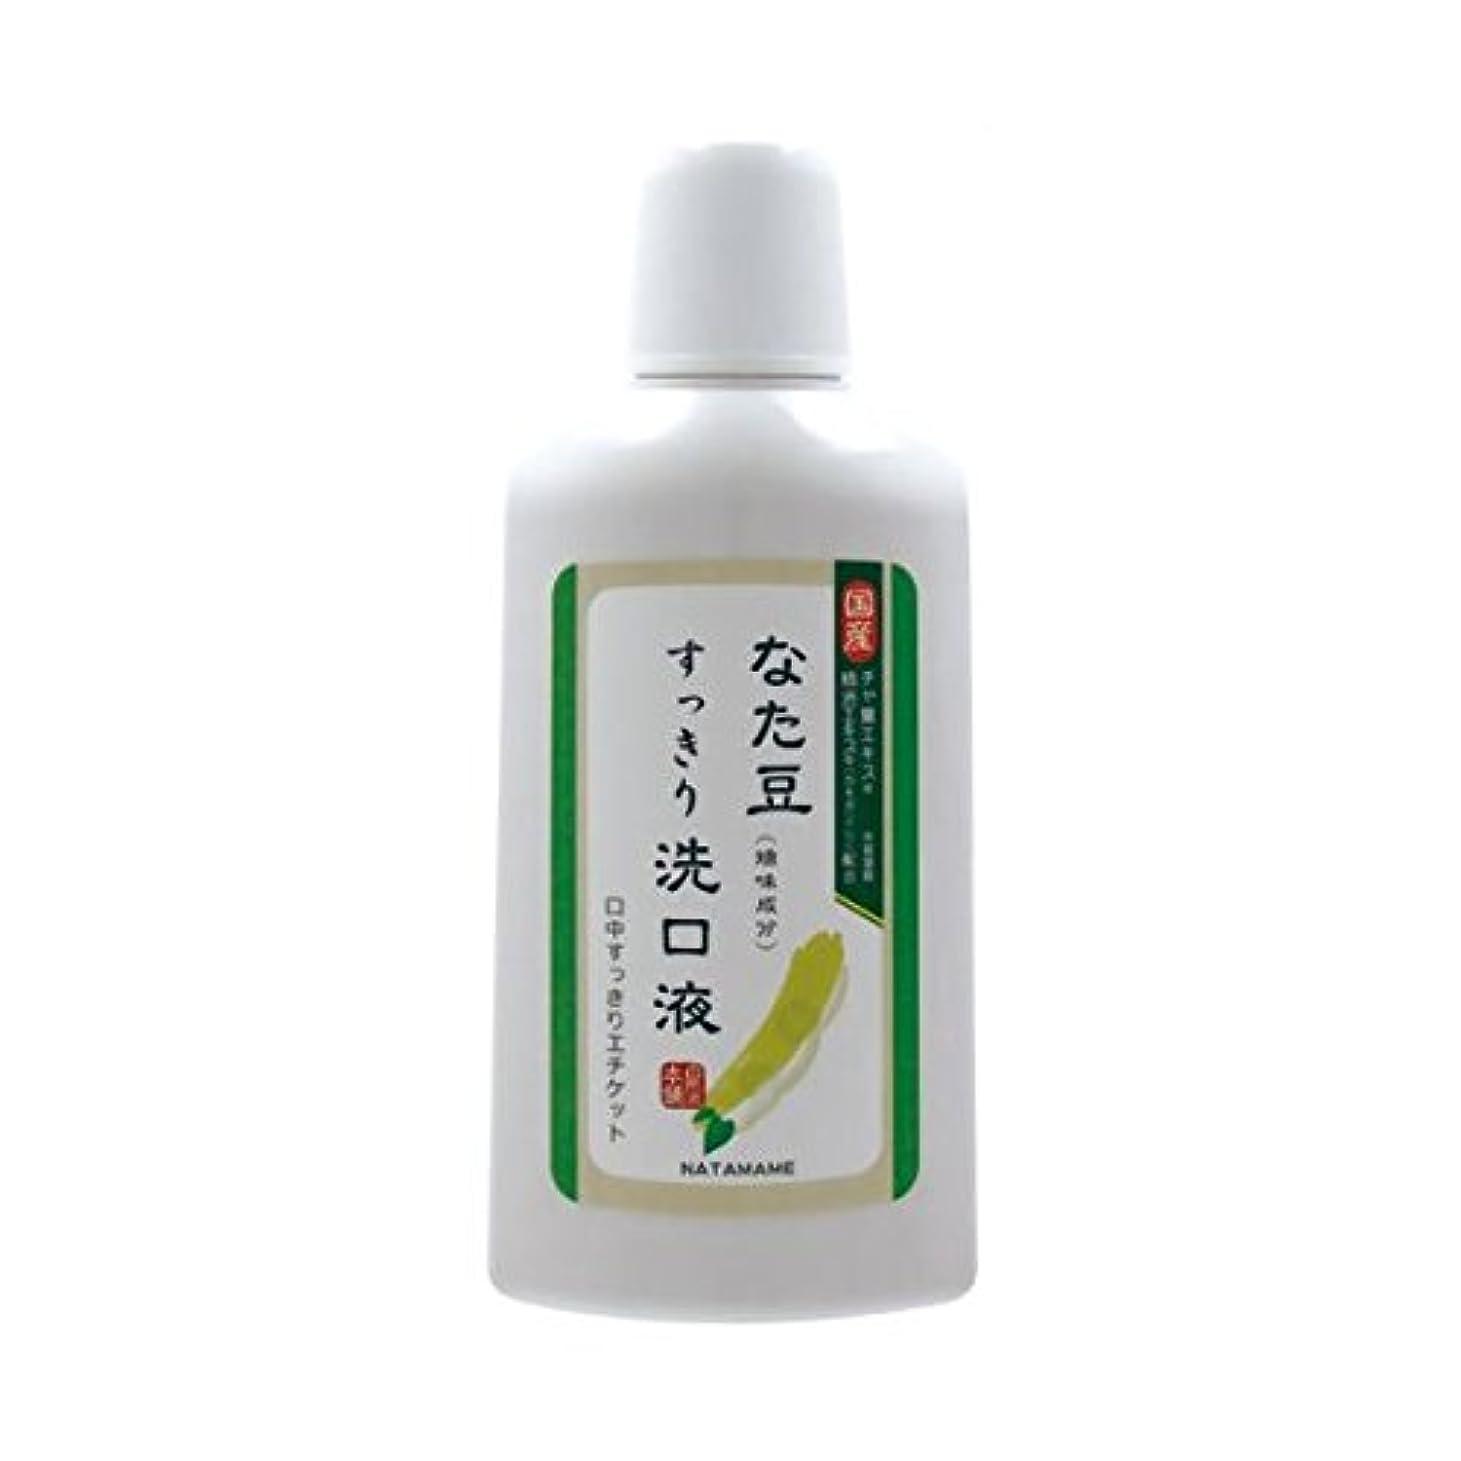 スキャンダル同封する未来《セット販売》 なた豆すっきり洗口液 なた豆 洗口液 (500ml)×2個セット